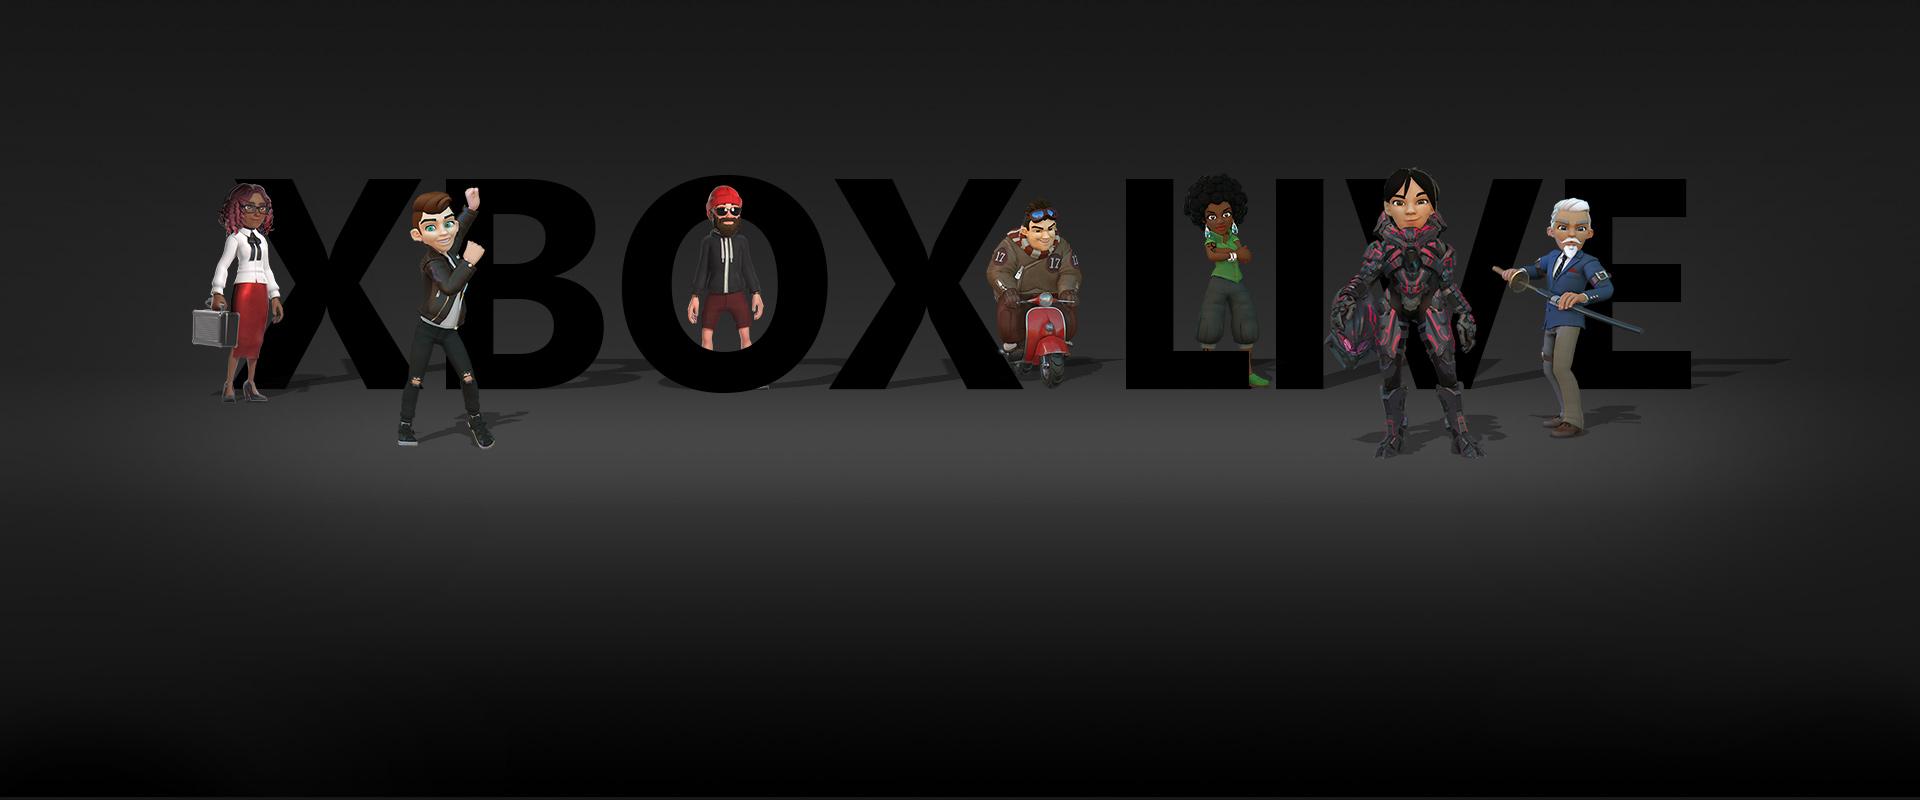 [Ultrapost] Xbox One X ¿La consola mas poderosa?